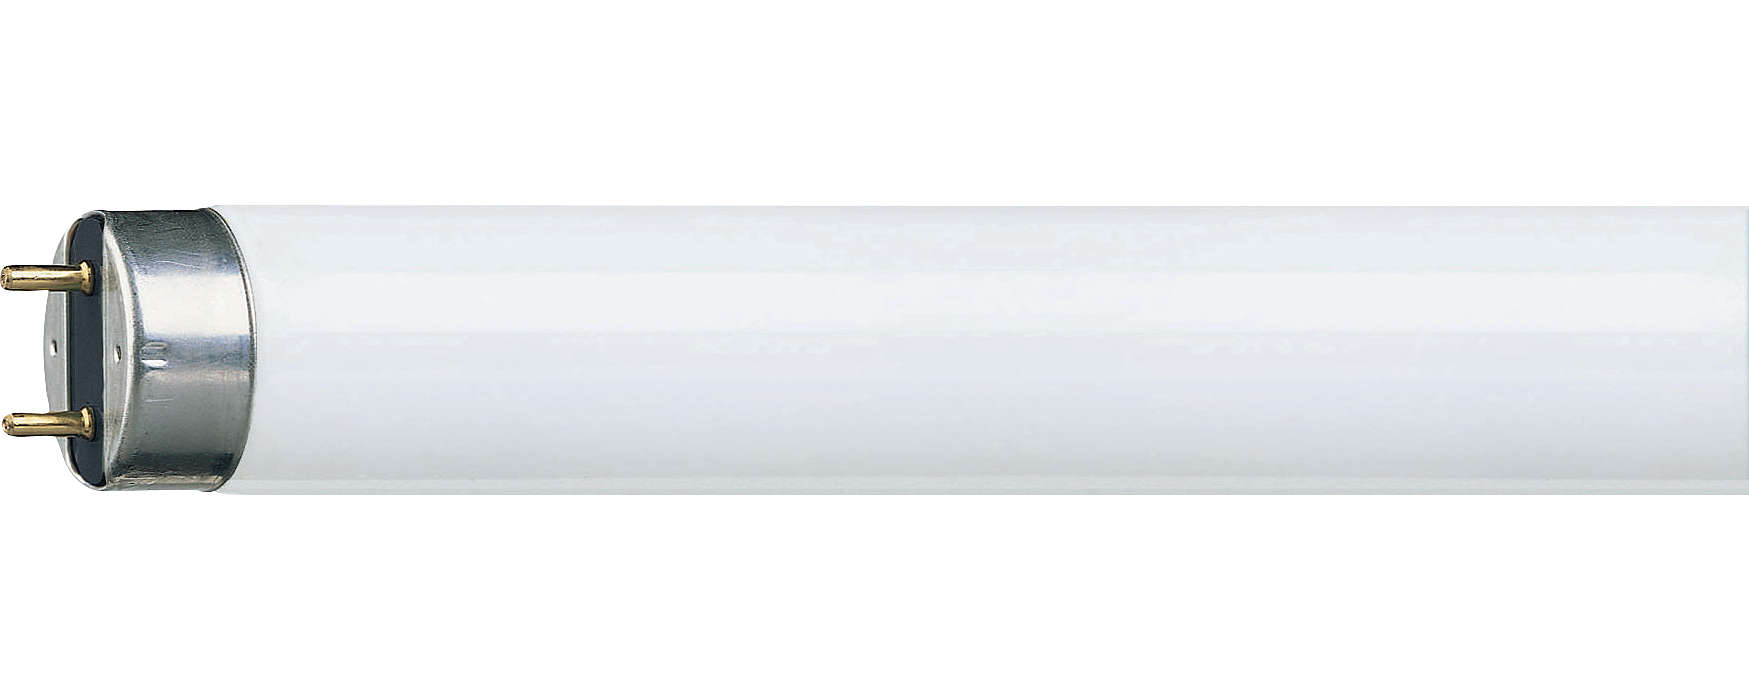 Эффективное люминесцентное освещение с улучшенной цветопередачей